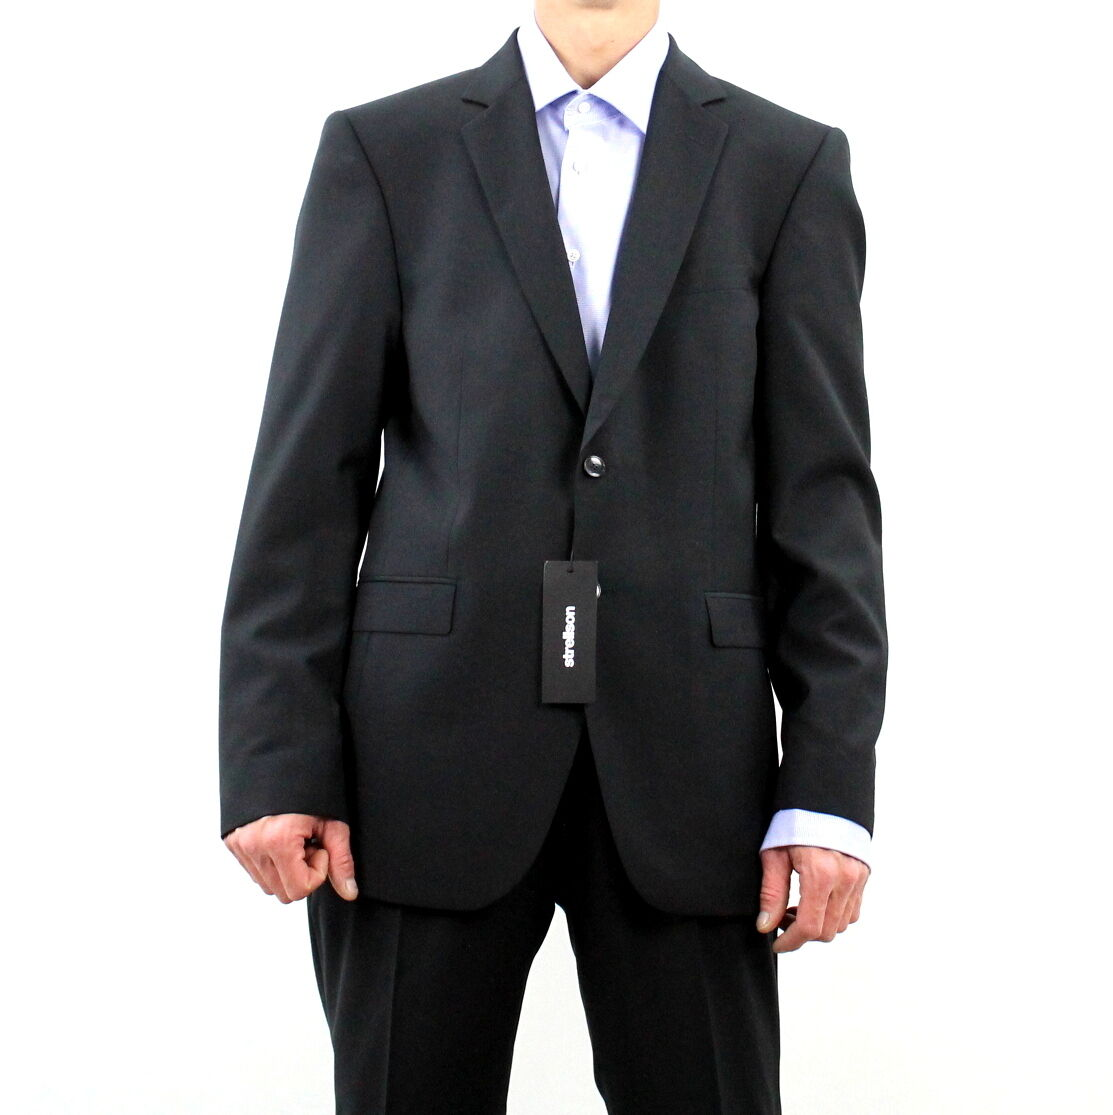 Strellson Herren Gr. 46 S ANZUG Regular-Fit Hosenanzug Schurwolle Schwarz A2626  | Einzigartig  | Abgabepreis  | Hohe Qualität und günstig